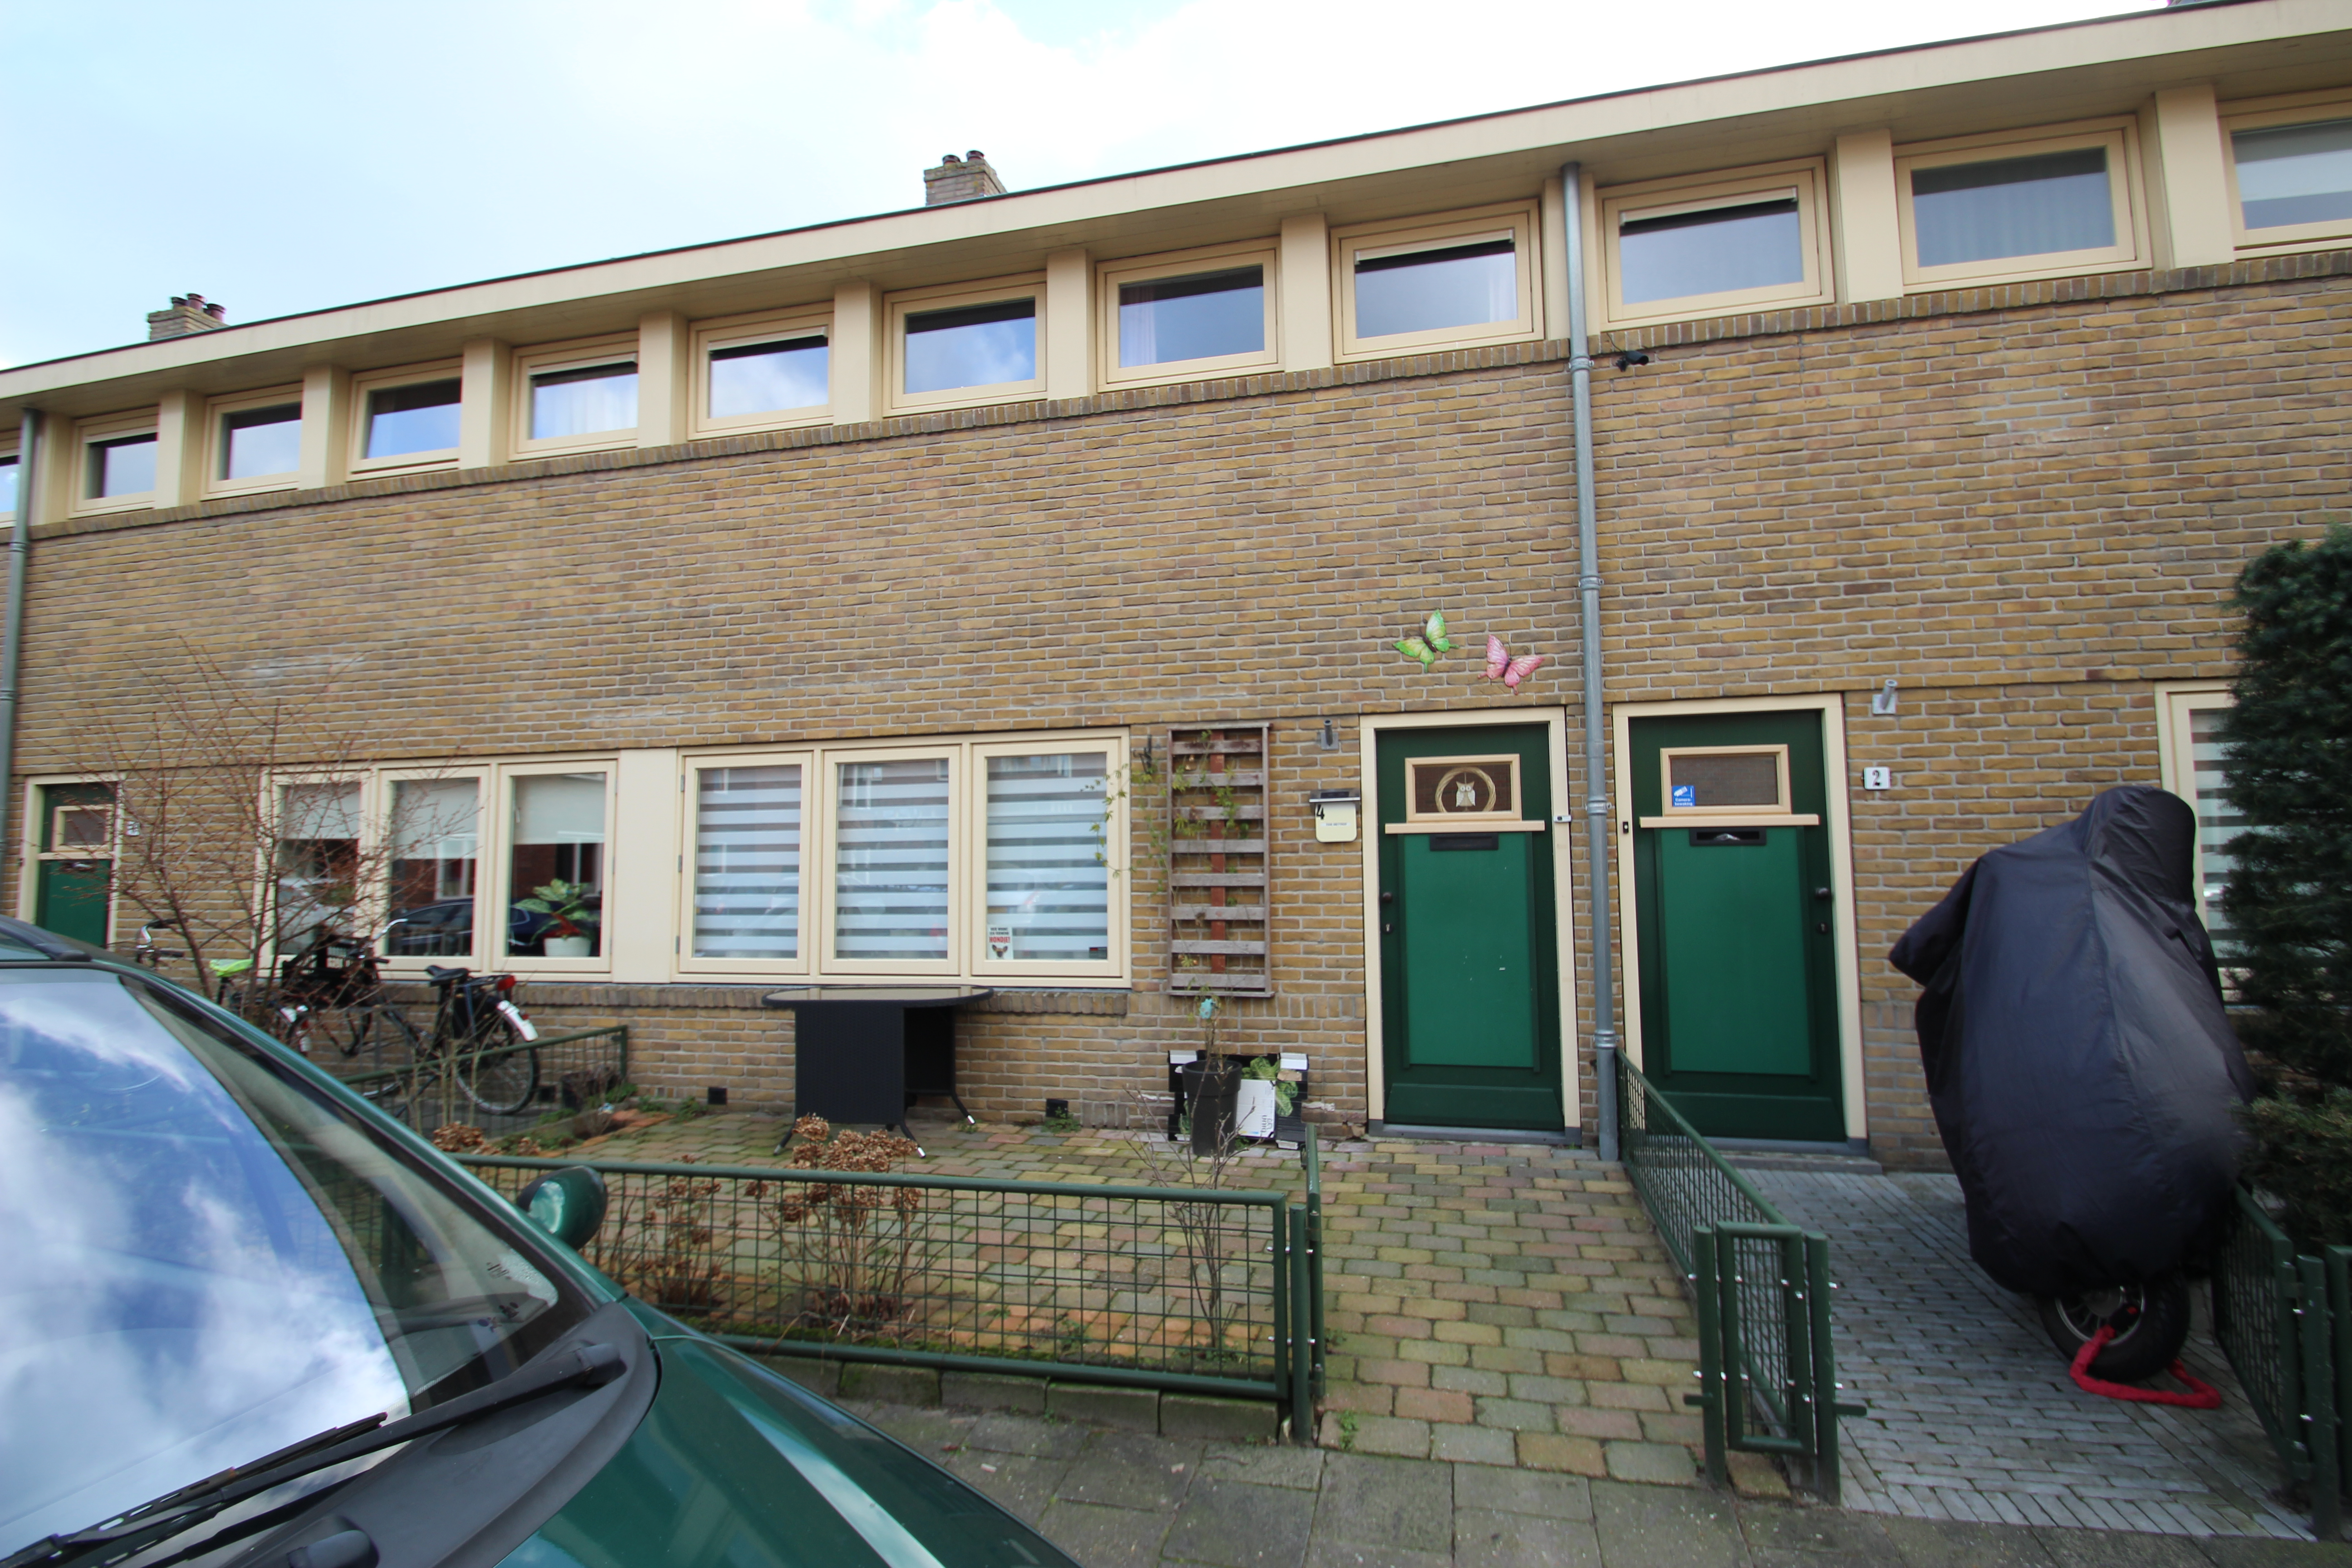 Eksterstraat, Hilversum